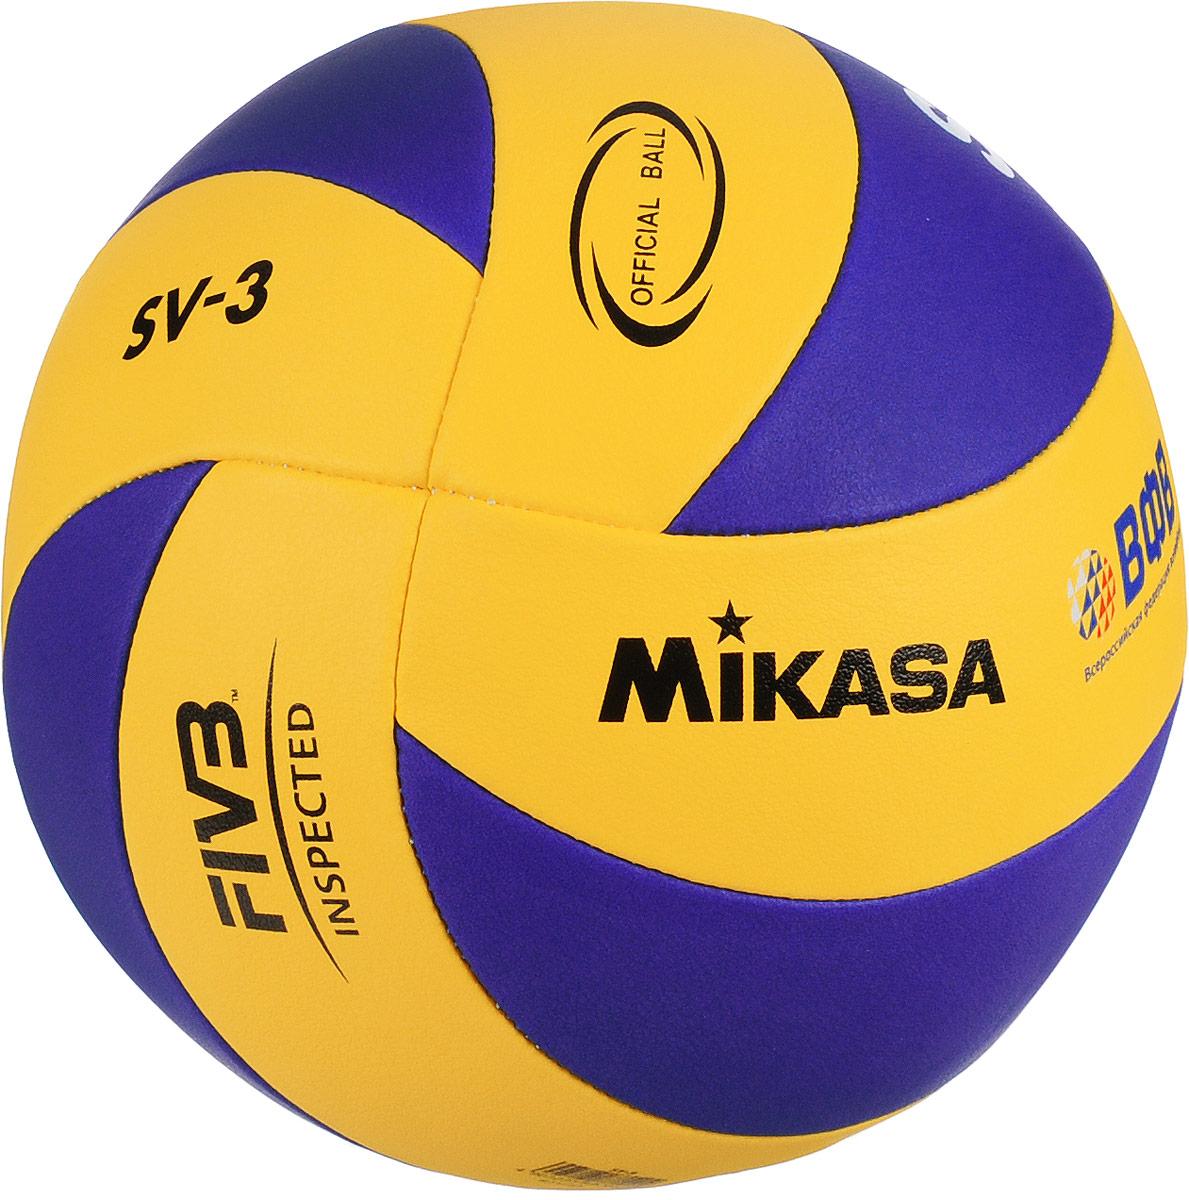 Мяч волейбольный Mikasa SV-3 School. Размер 5VB ECE-1Mikasa SV-3 School - это легкий детский мяч с бархатистой поверхностью. имеющий яркий дизайн, поверхность из мягкой синтетической пены. Состоит из 8 панелей, изготовленных из синтетической кожи машинной сшивкой. Технология сшивки панелей TwinSTLock обеспечивает долговечность и прочность, как у клееного мяча.УВАЖЕМЫЕ КЛИЕНТЫ!Обращаем ваше внимание на тот факт, что мяч поставляется в сдутом виде. Насос в комплект не входит.